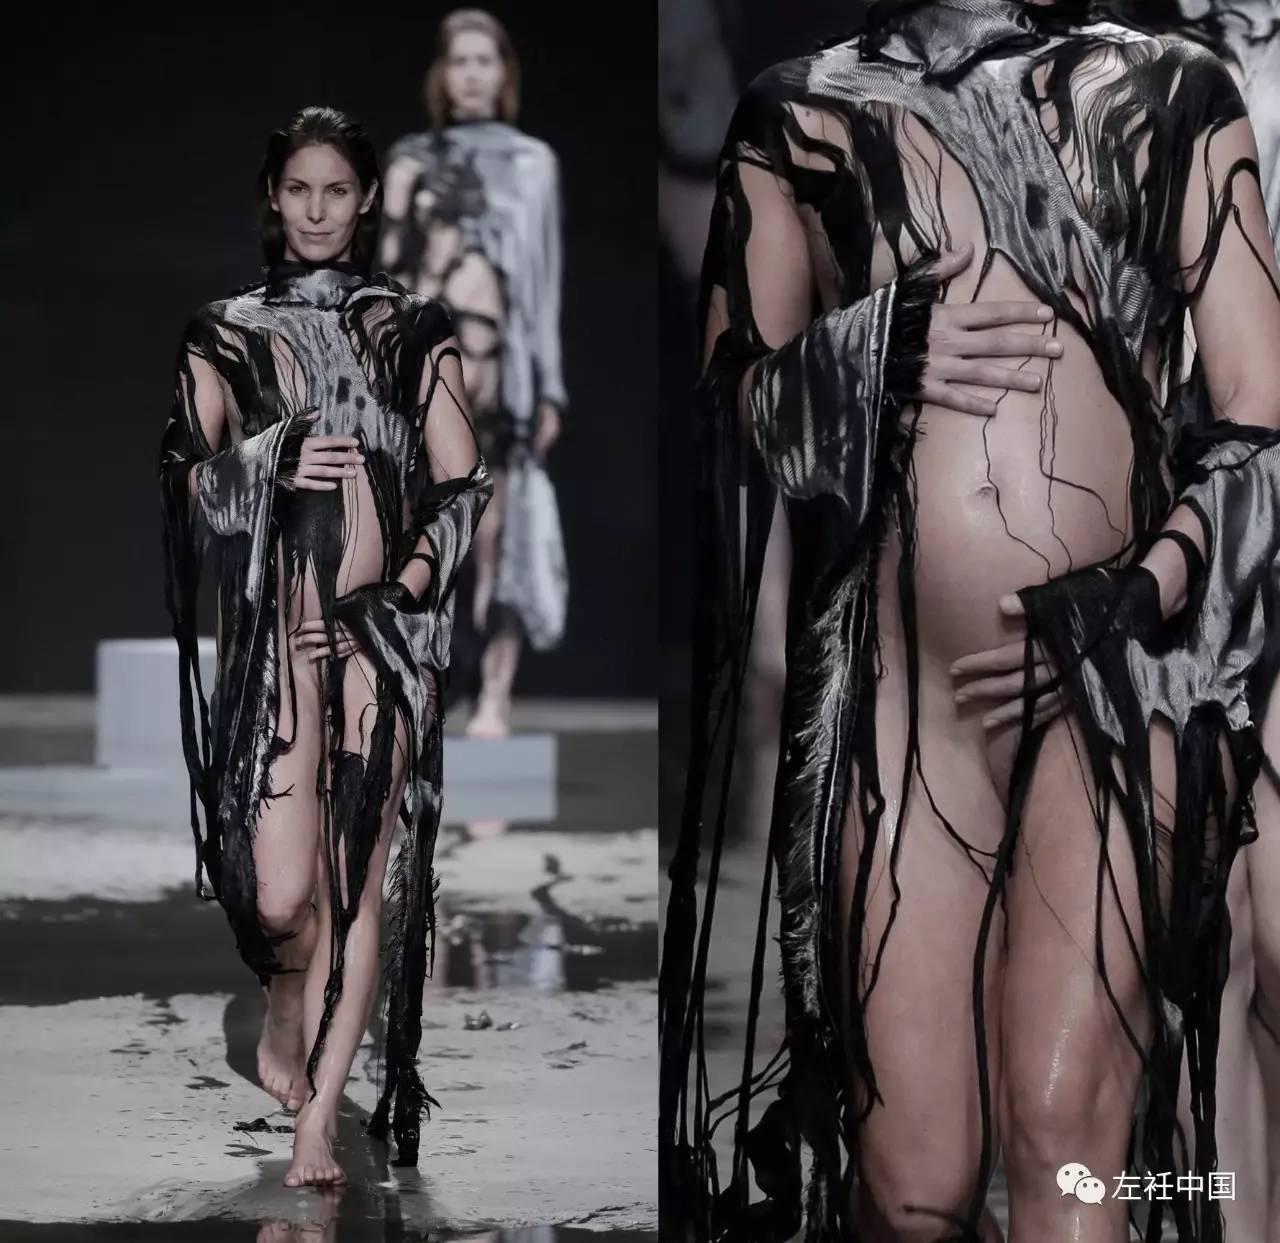 遇水即溶的未来时装震撼全场 ART 第17张